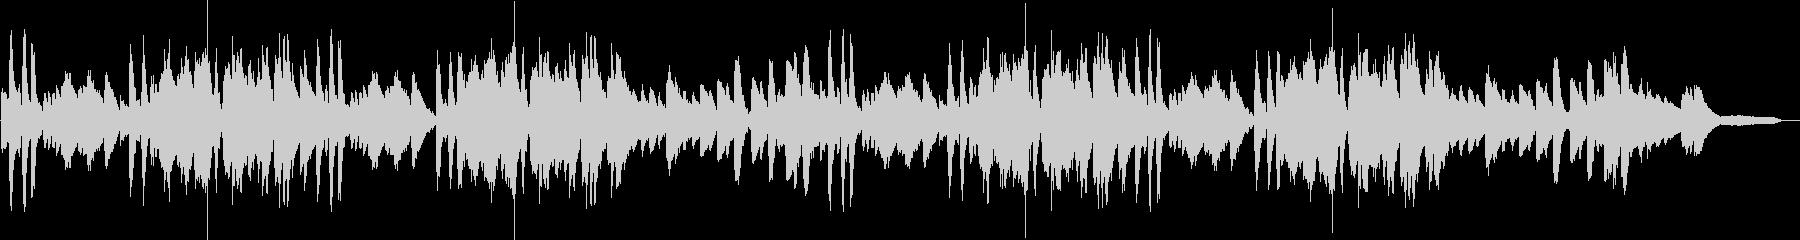 CM用奇抜で少し変わったピアノ曲の未再生の波形